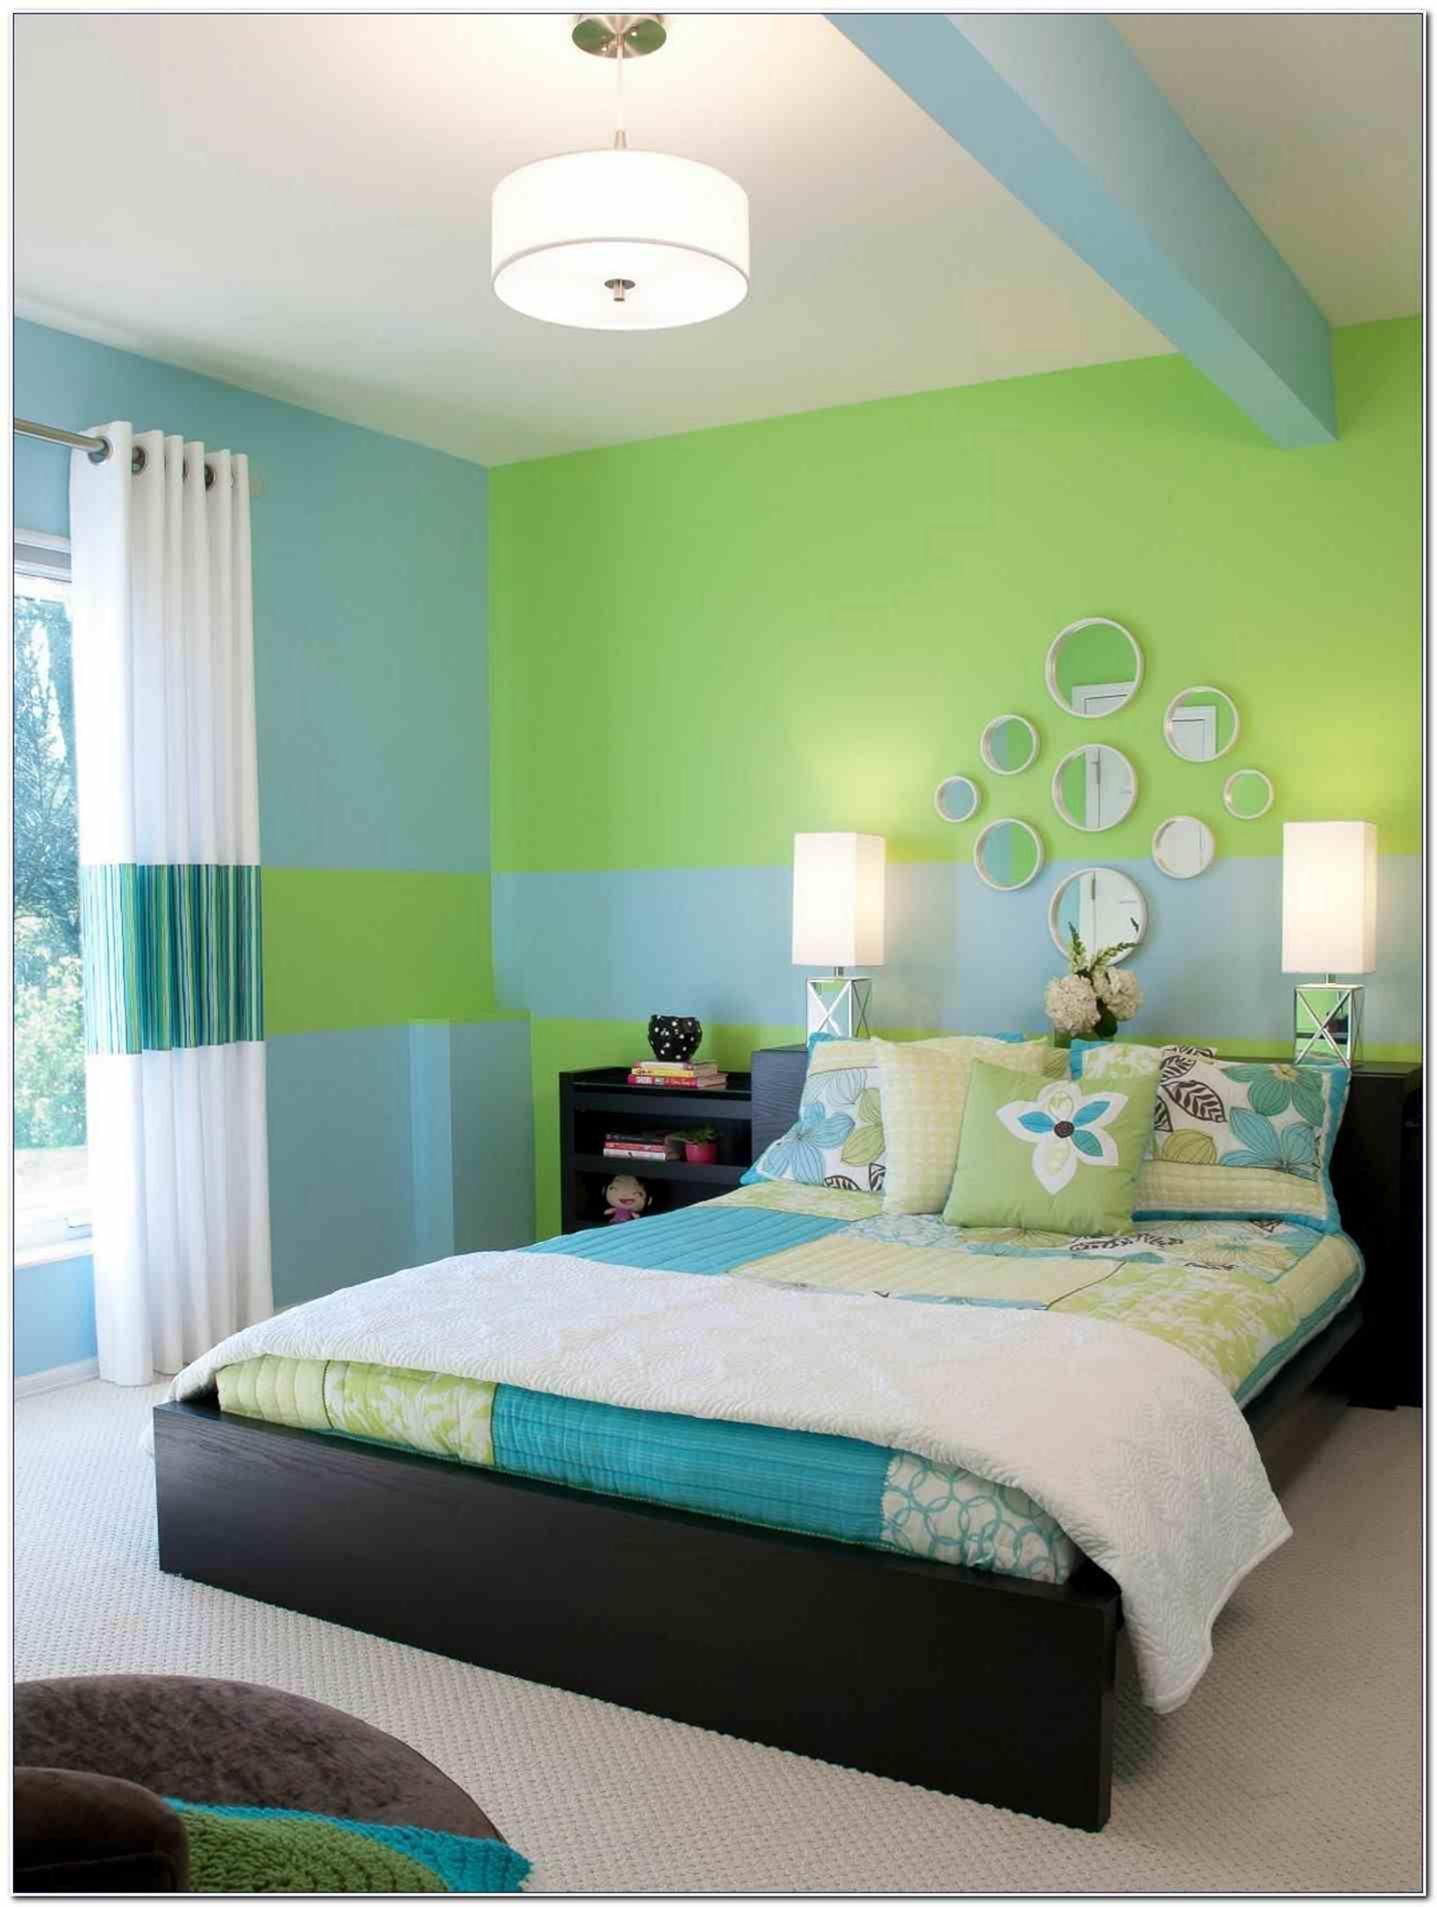 15 simple bedroom design ideas for narrow rooms kamar on wall stickers stiker kamar tidur remaja id=77532